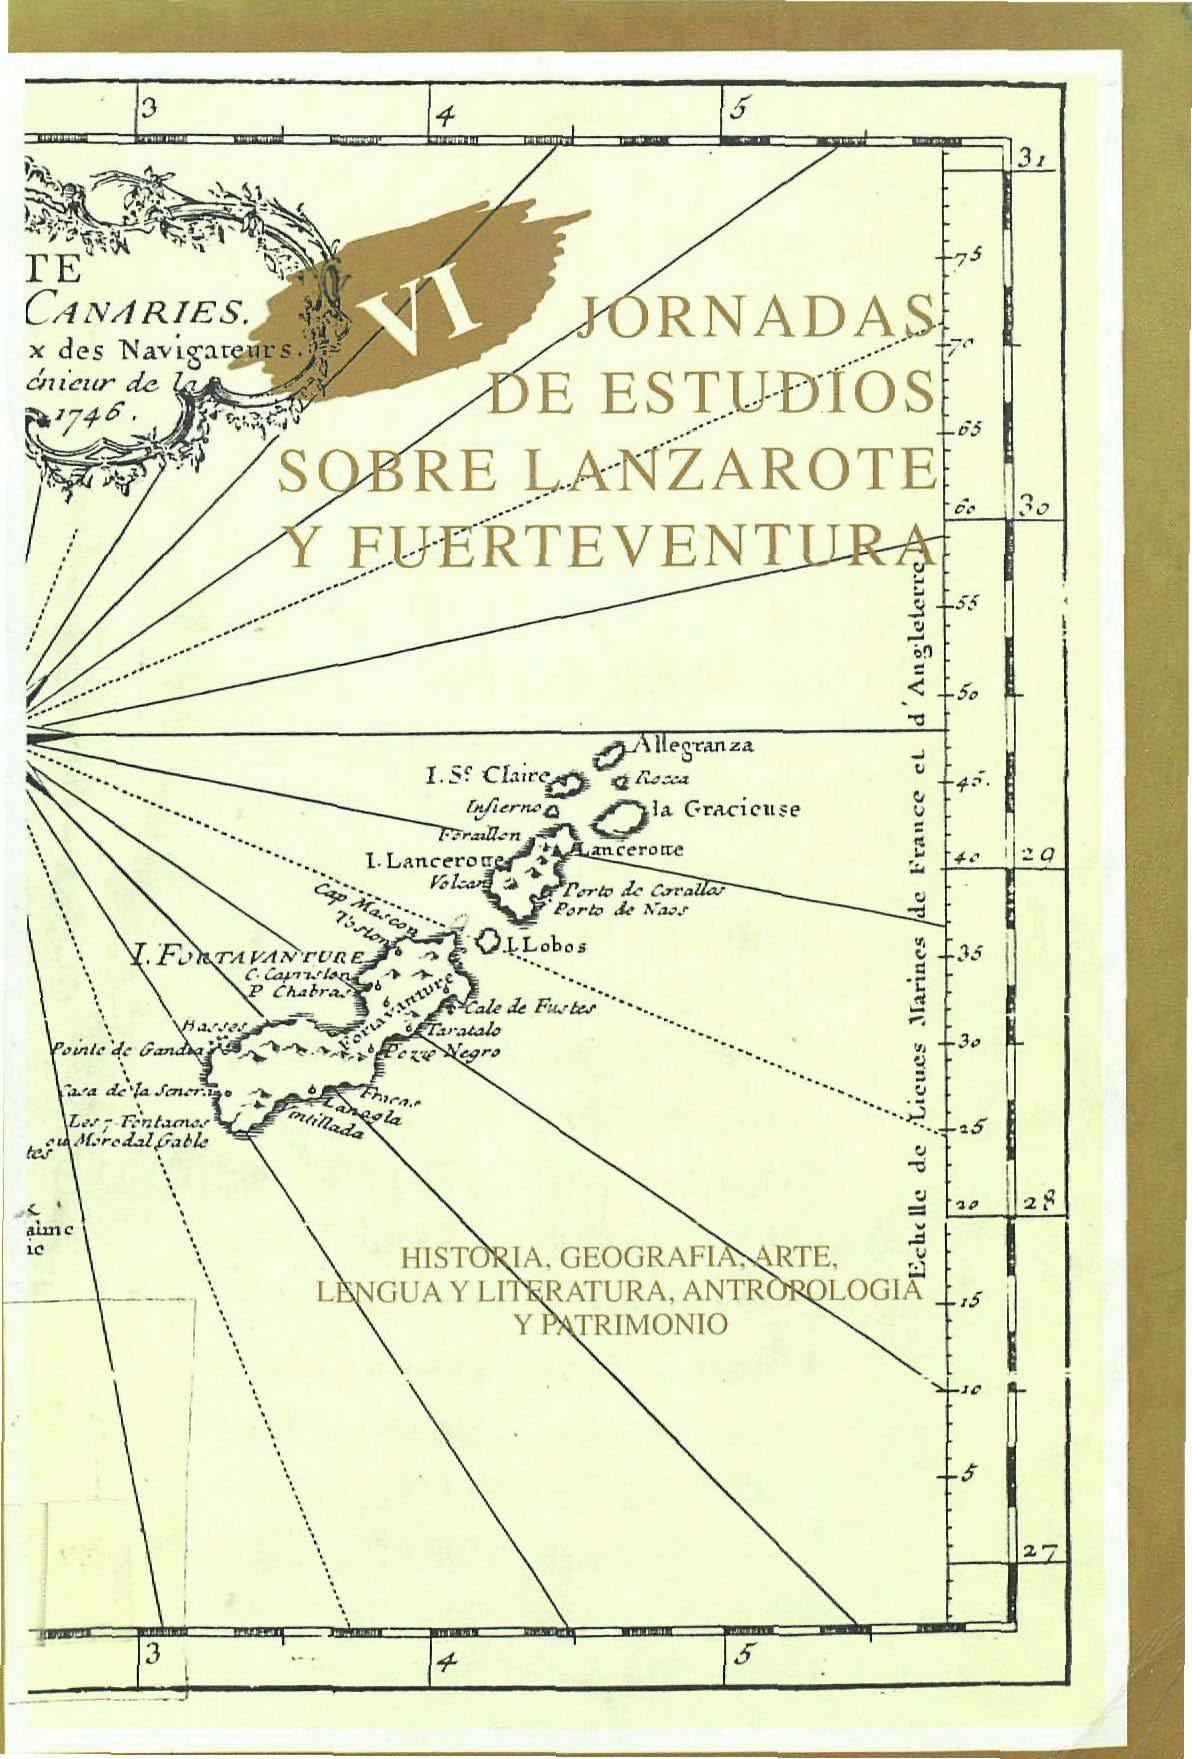 El abastecimiento de trigo de Lanzarote y Fuerteventura a Tenerife en la Edad Moderna. Notas para su estudio